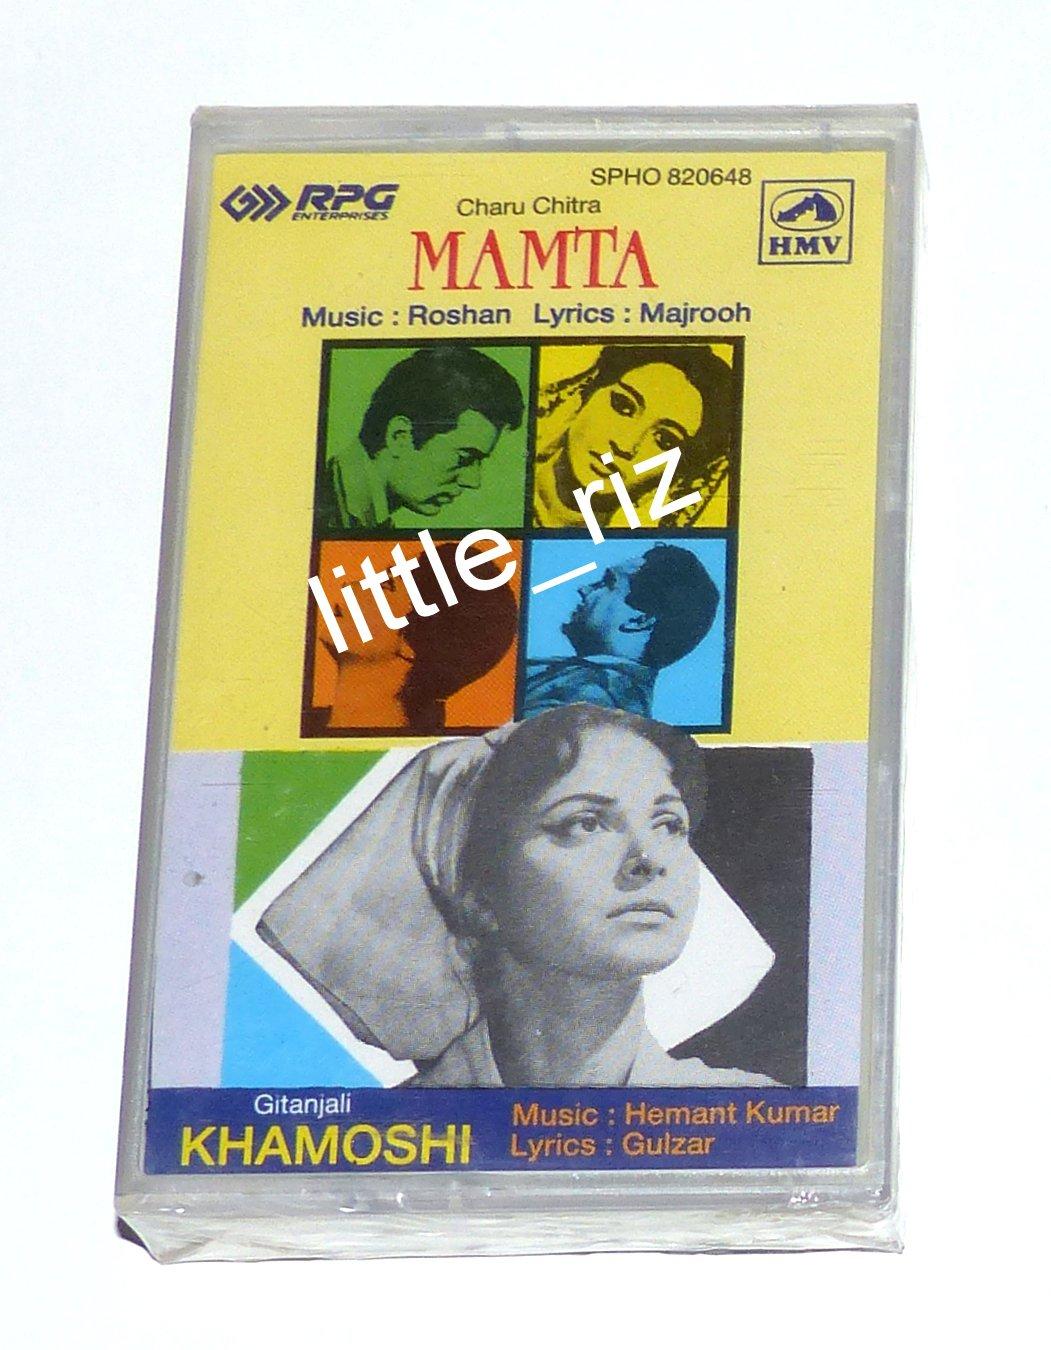 Mamta (1966) / Khamoshi (1970) � Bollywood Indian Cassette Tape Roshan, Hemant Kumar